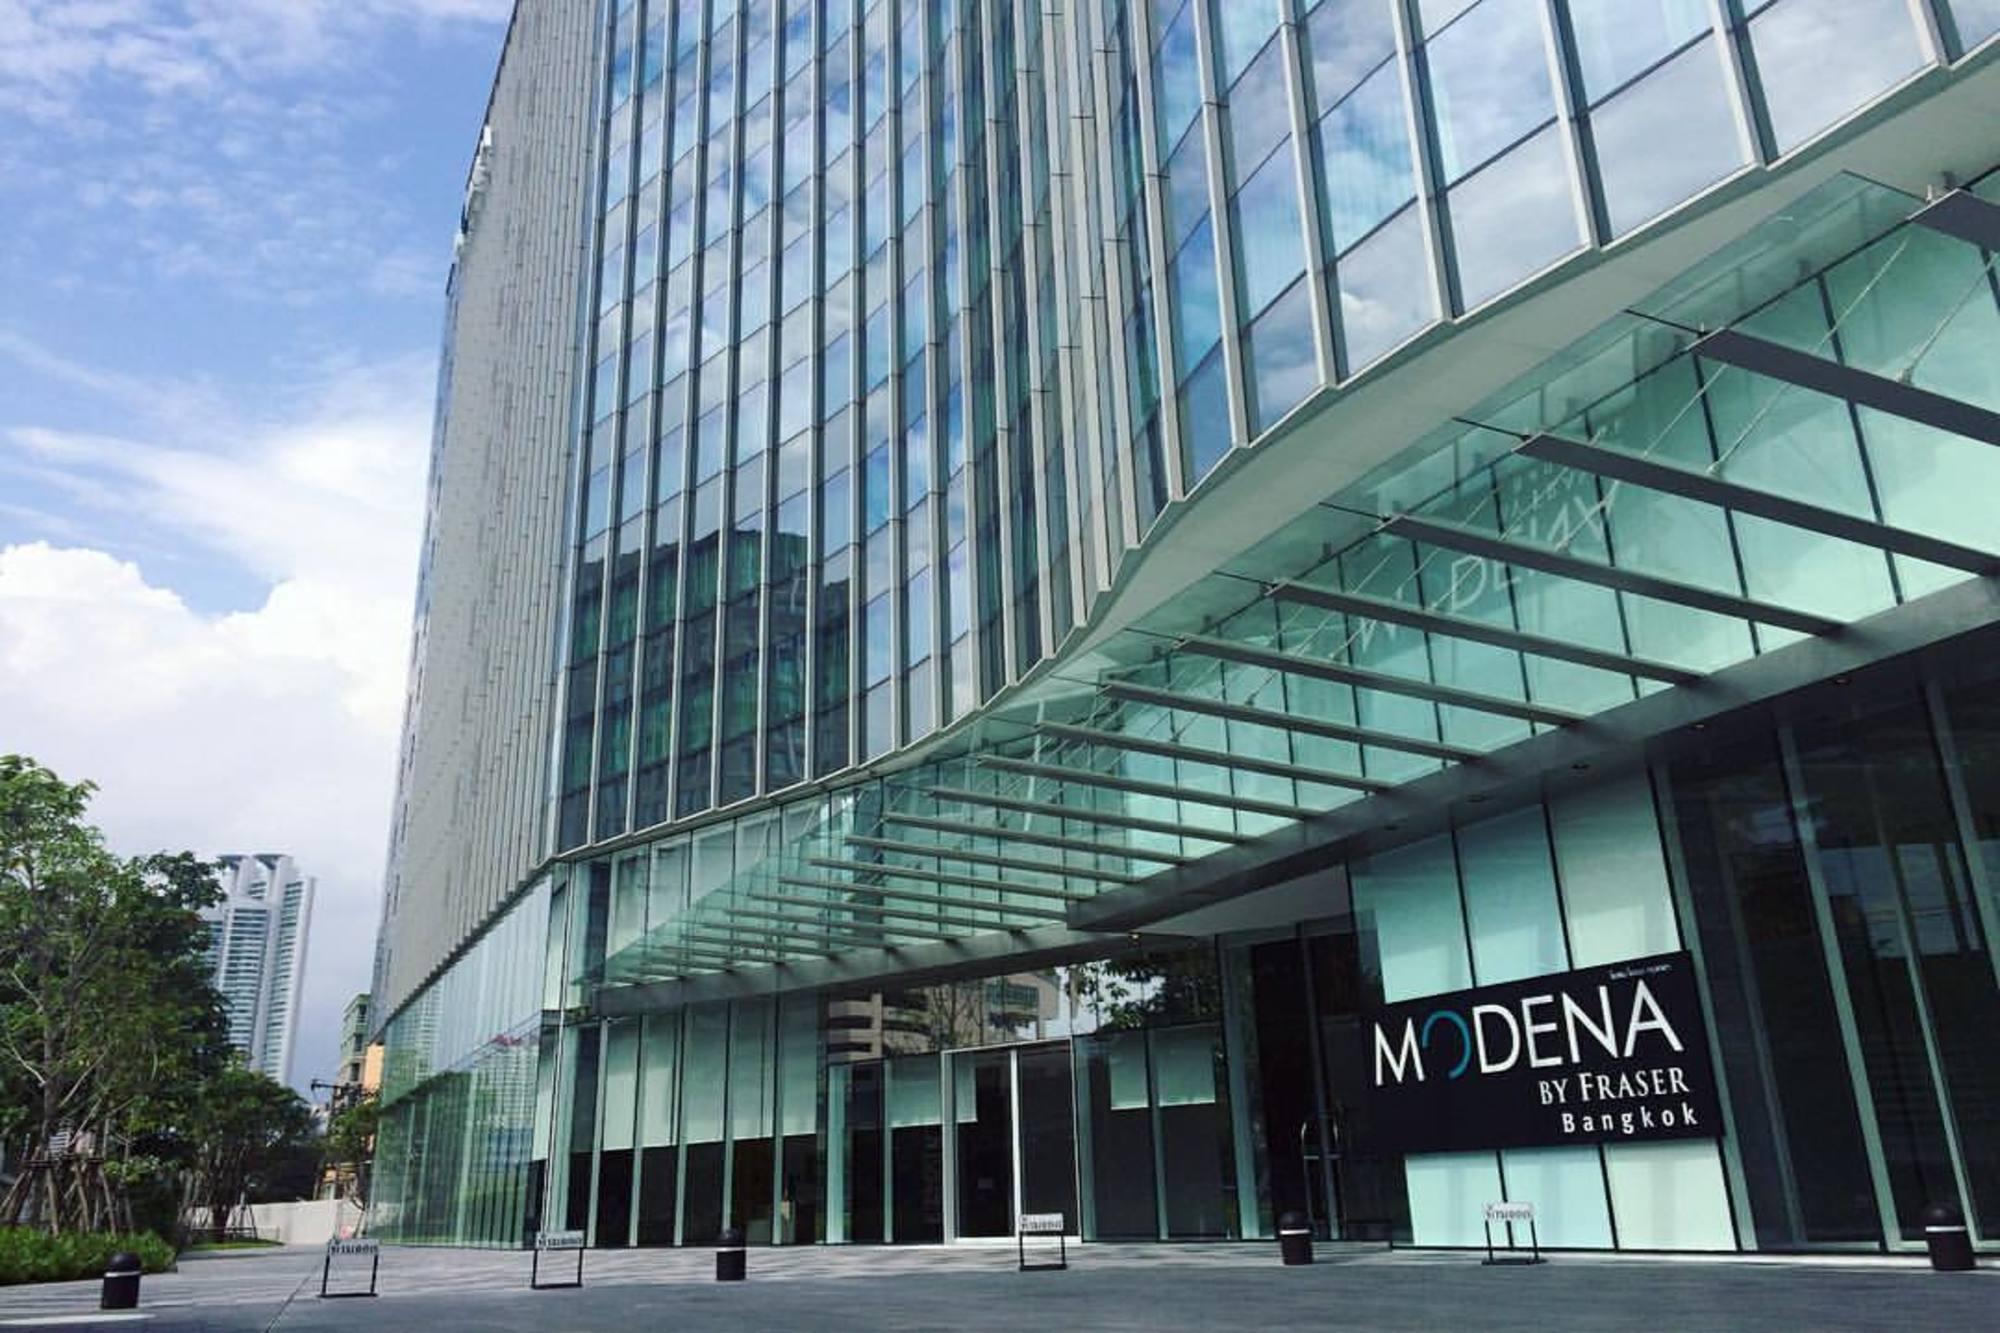 曼谷名致服務公寓以玻璃帷幕打造時尚建築外觀。(圖片來自:Modena by Fraser Bangkok官網)